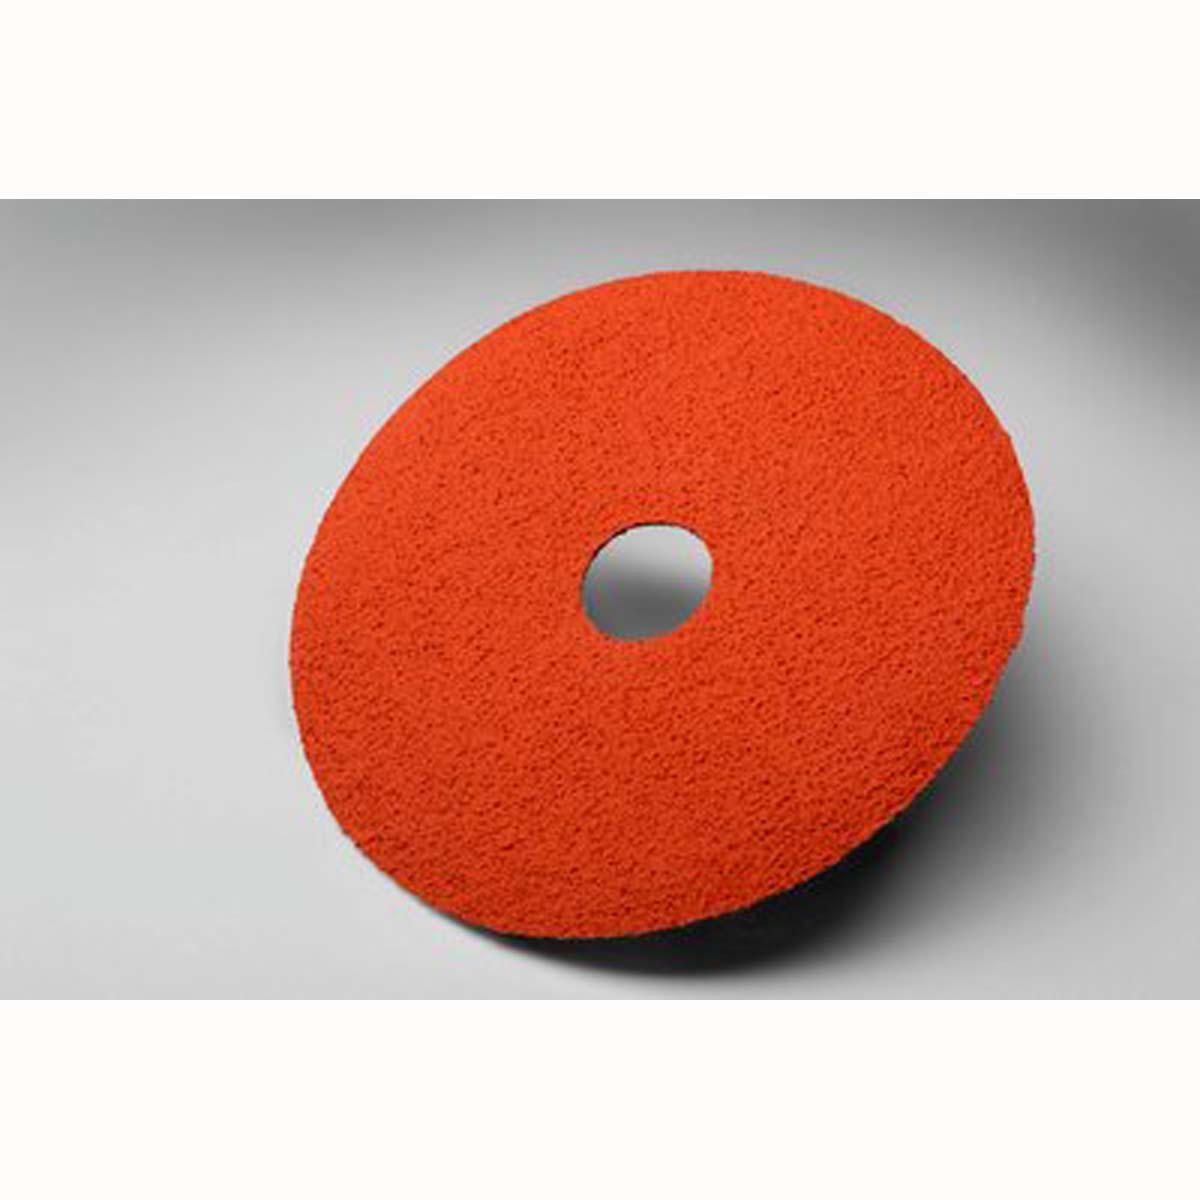 3M Fibre Disc 785C, 5 in x 7/8 in 60, 25 per inner 100 per case Boxed